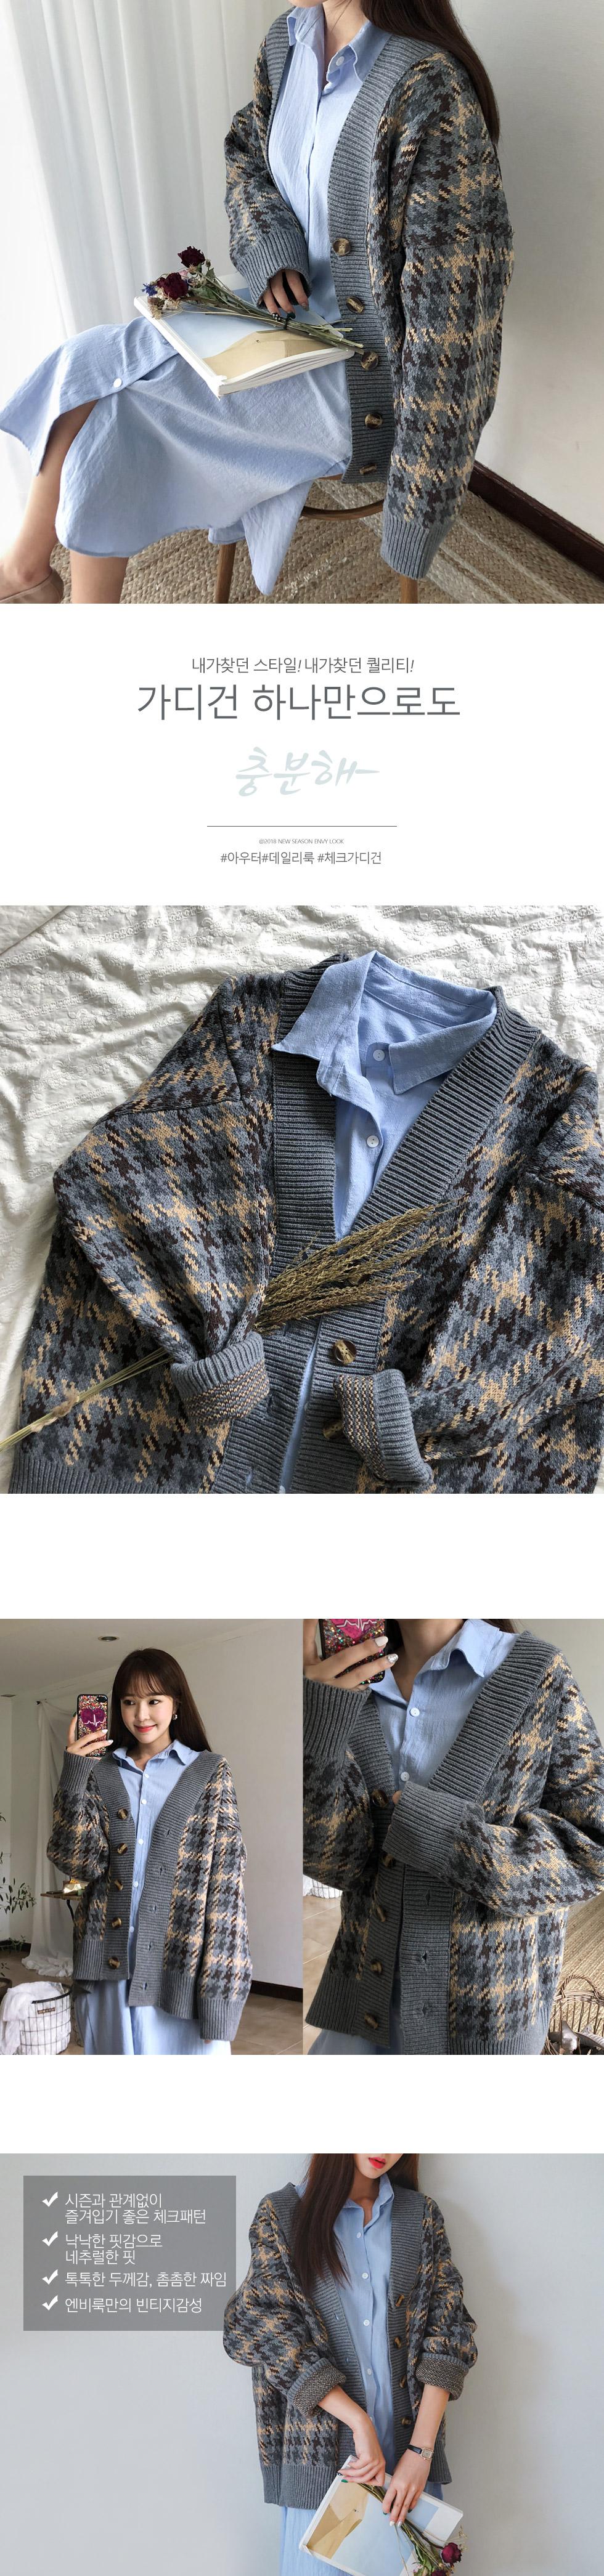 Vintage check cardigan